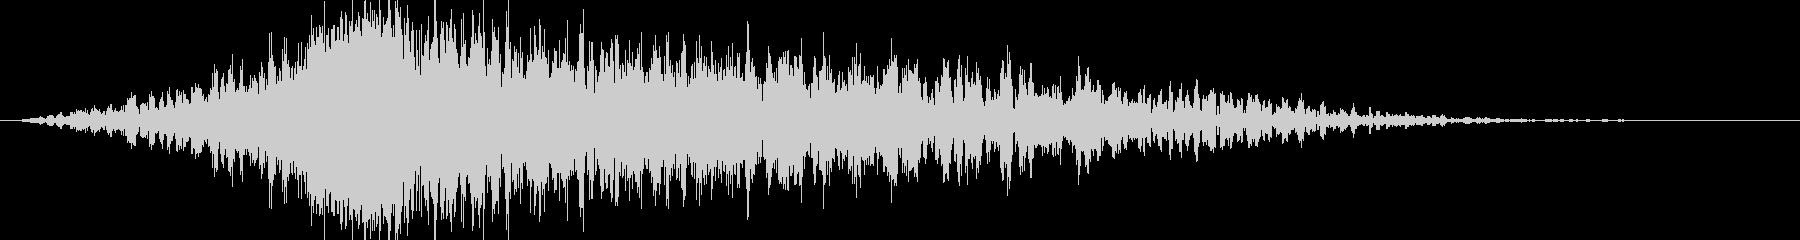 シューどん:迫力のオープニングシーン5の未再生の波形